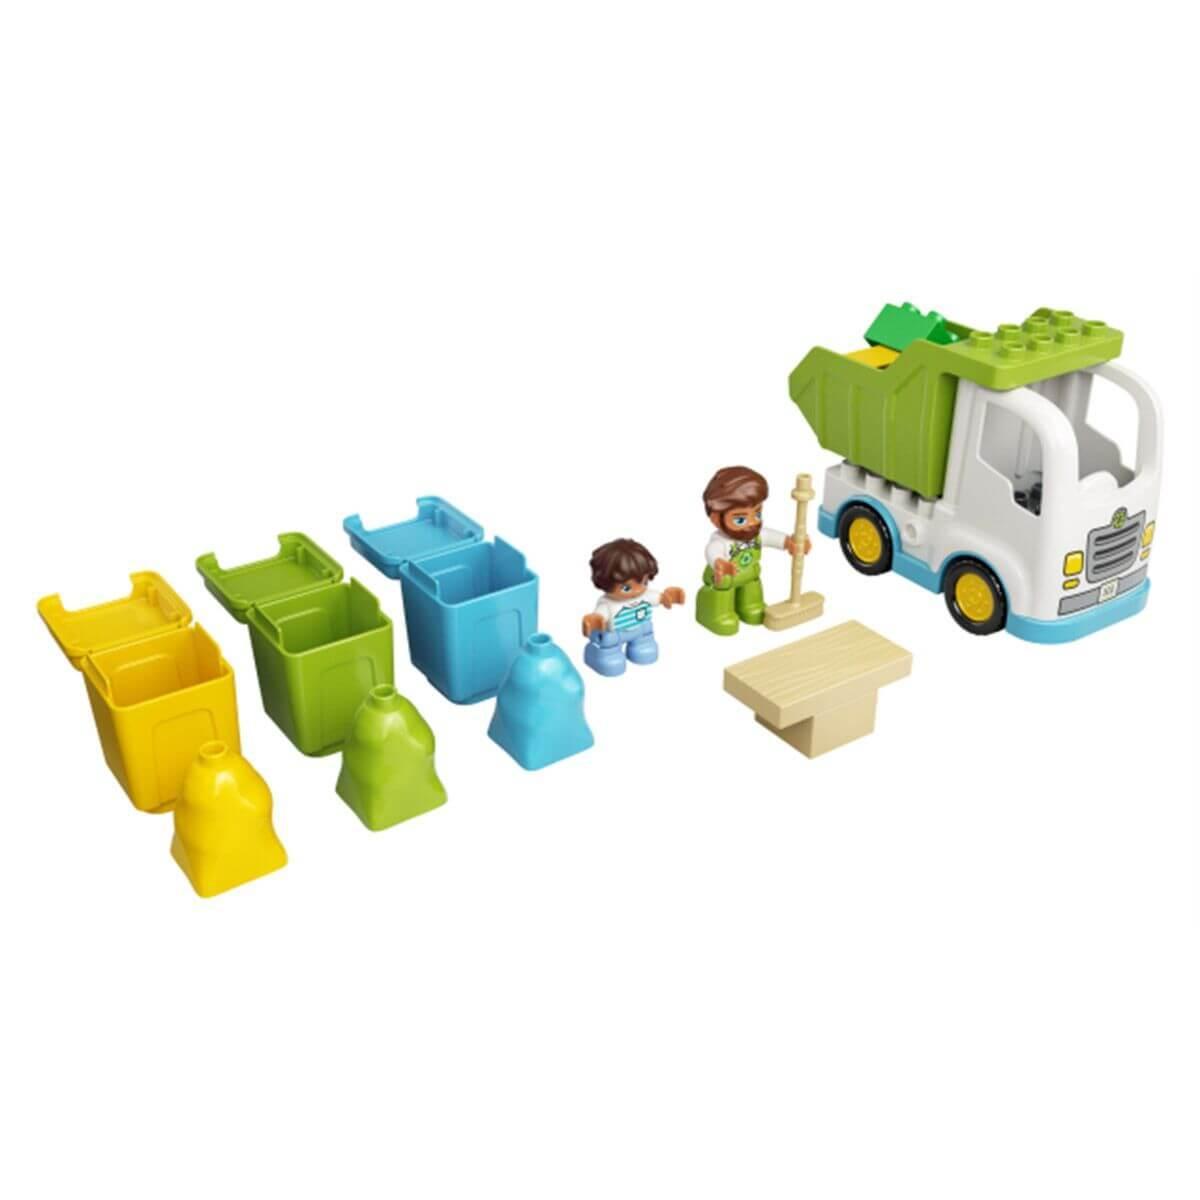 LEGO DUPLO Town Мусоровоз и контейнеры для раздельного сбора мусора